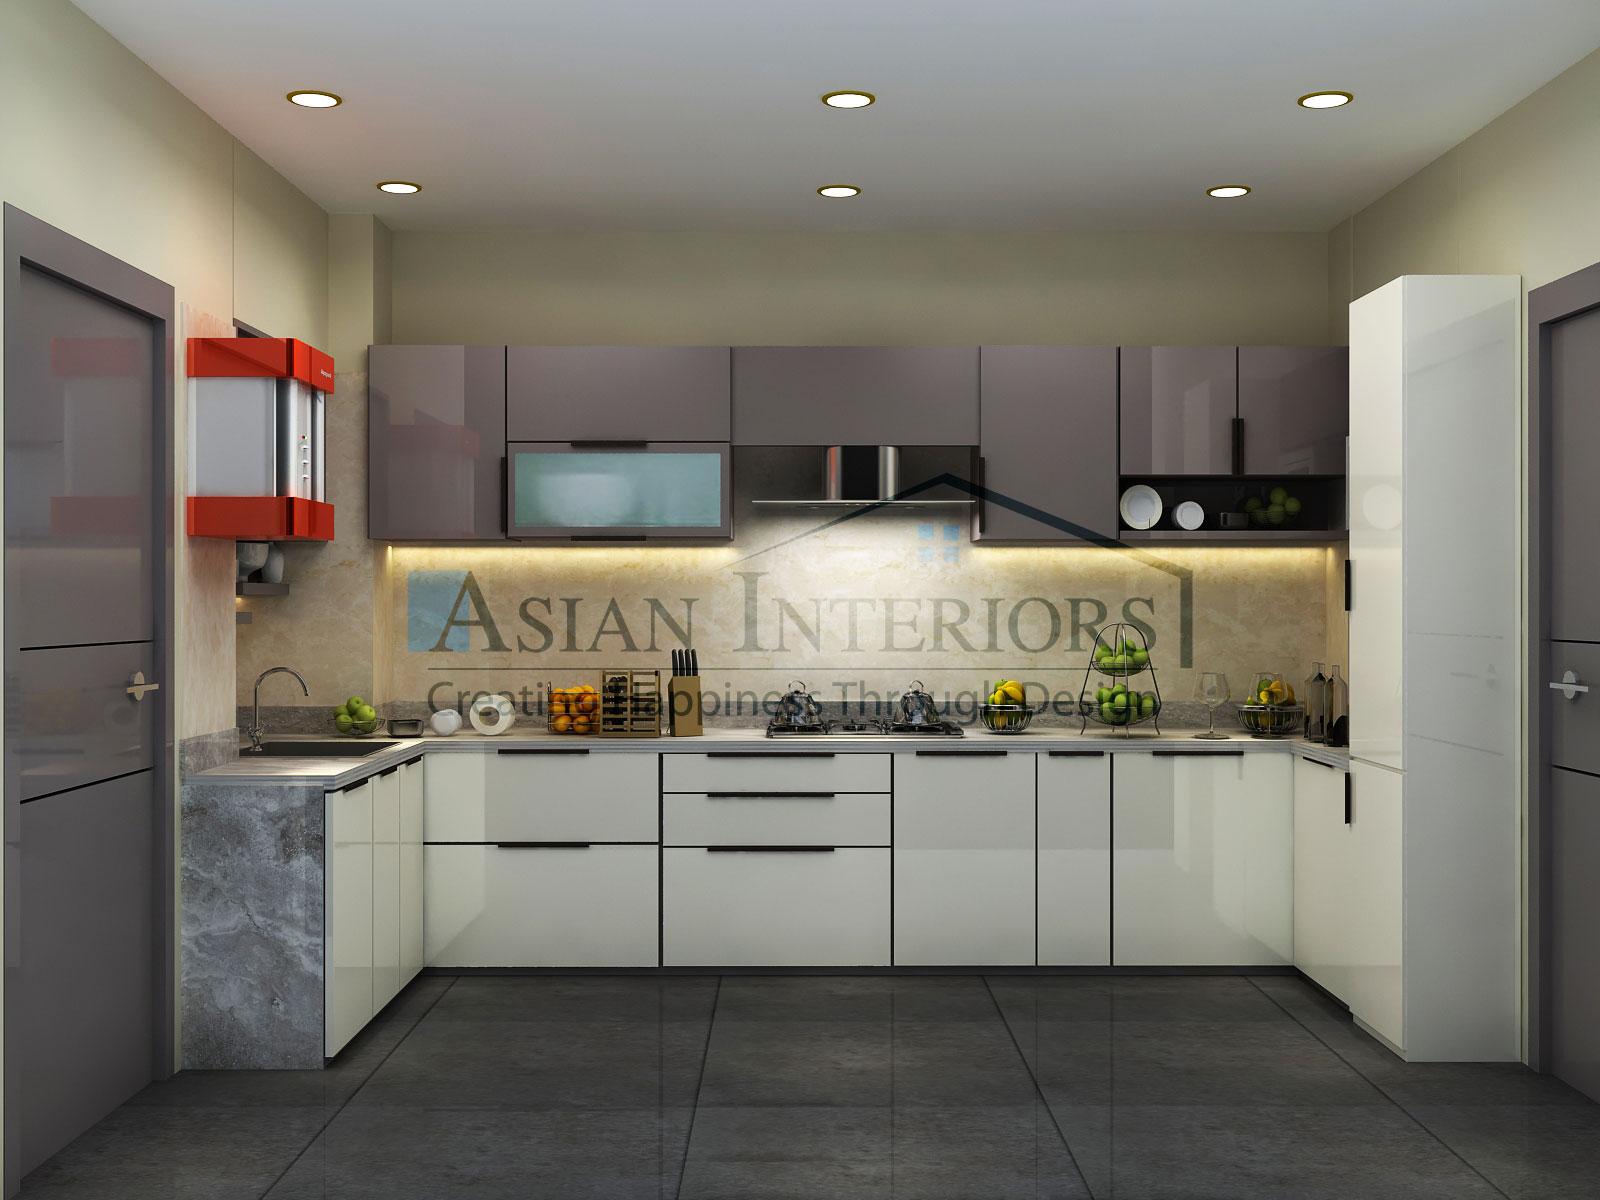 Asian-Interiors-Kitchen27